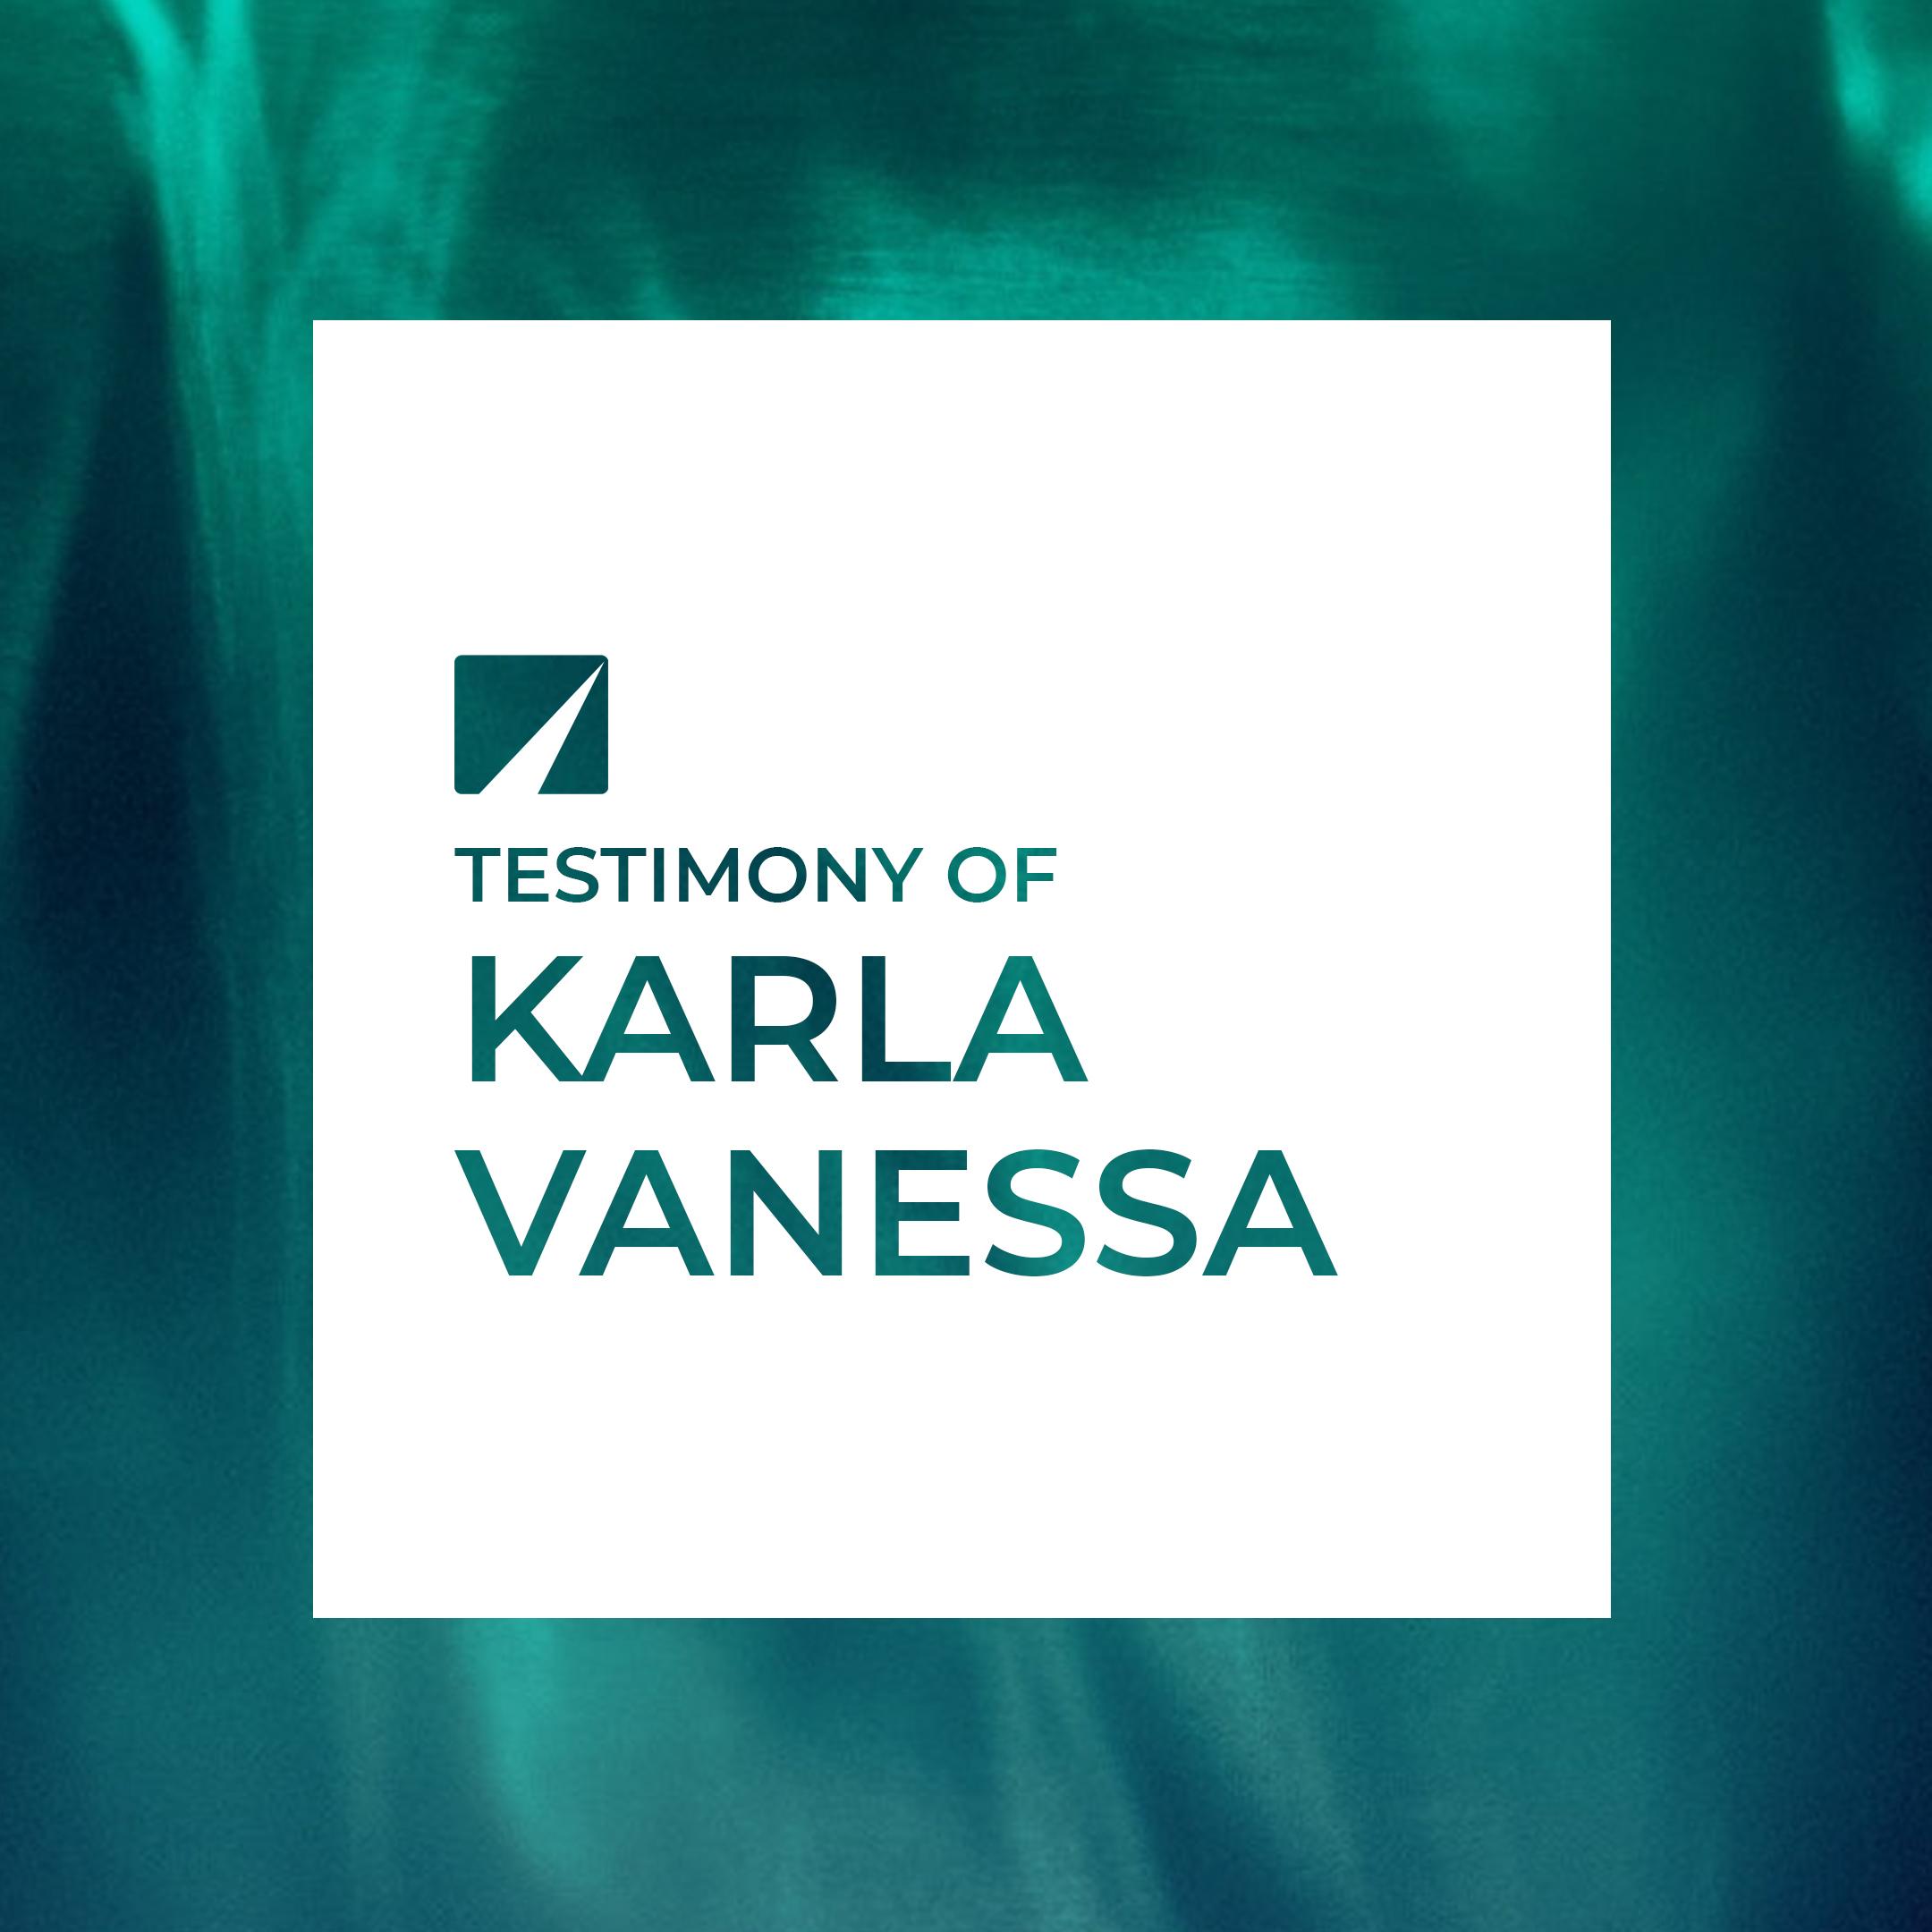 Testimony of Karla Vanessa